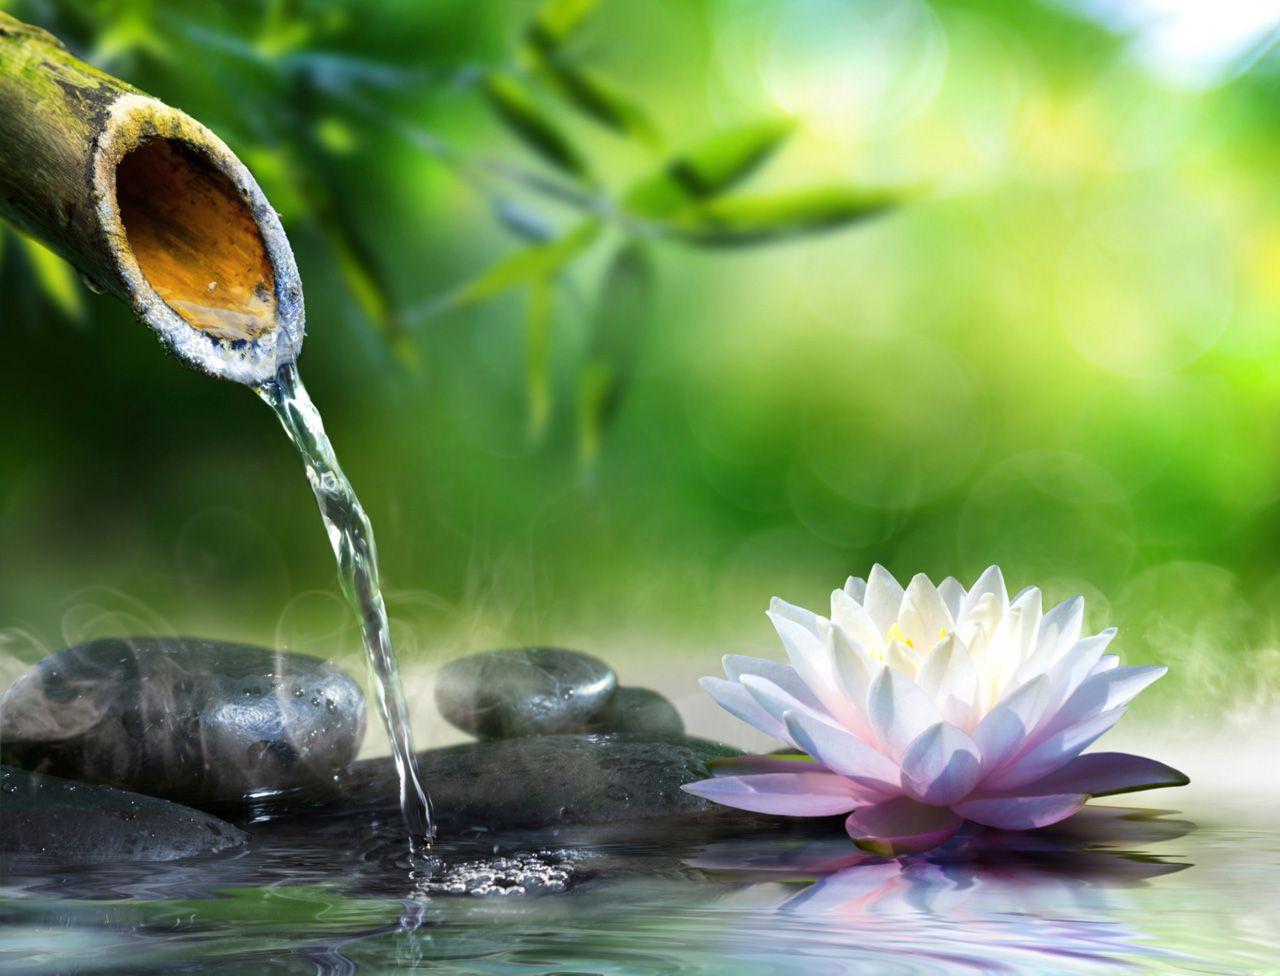 5 Idées Pour Faire Un Jardin Zen | Paysage Zen, Peinture Zen ... encequiconcerne Faire Un Jardin Zen